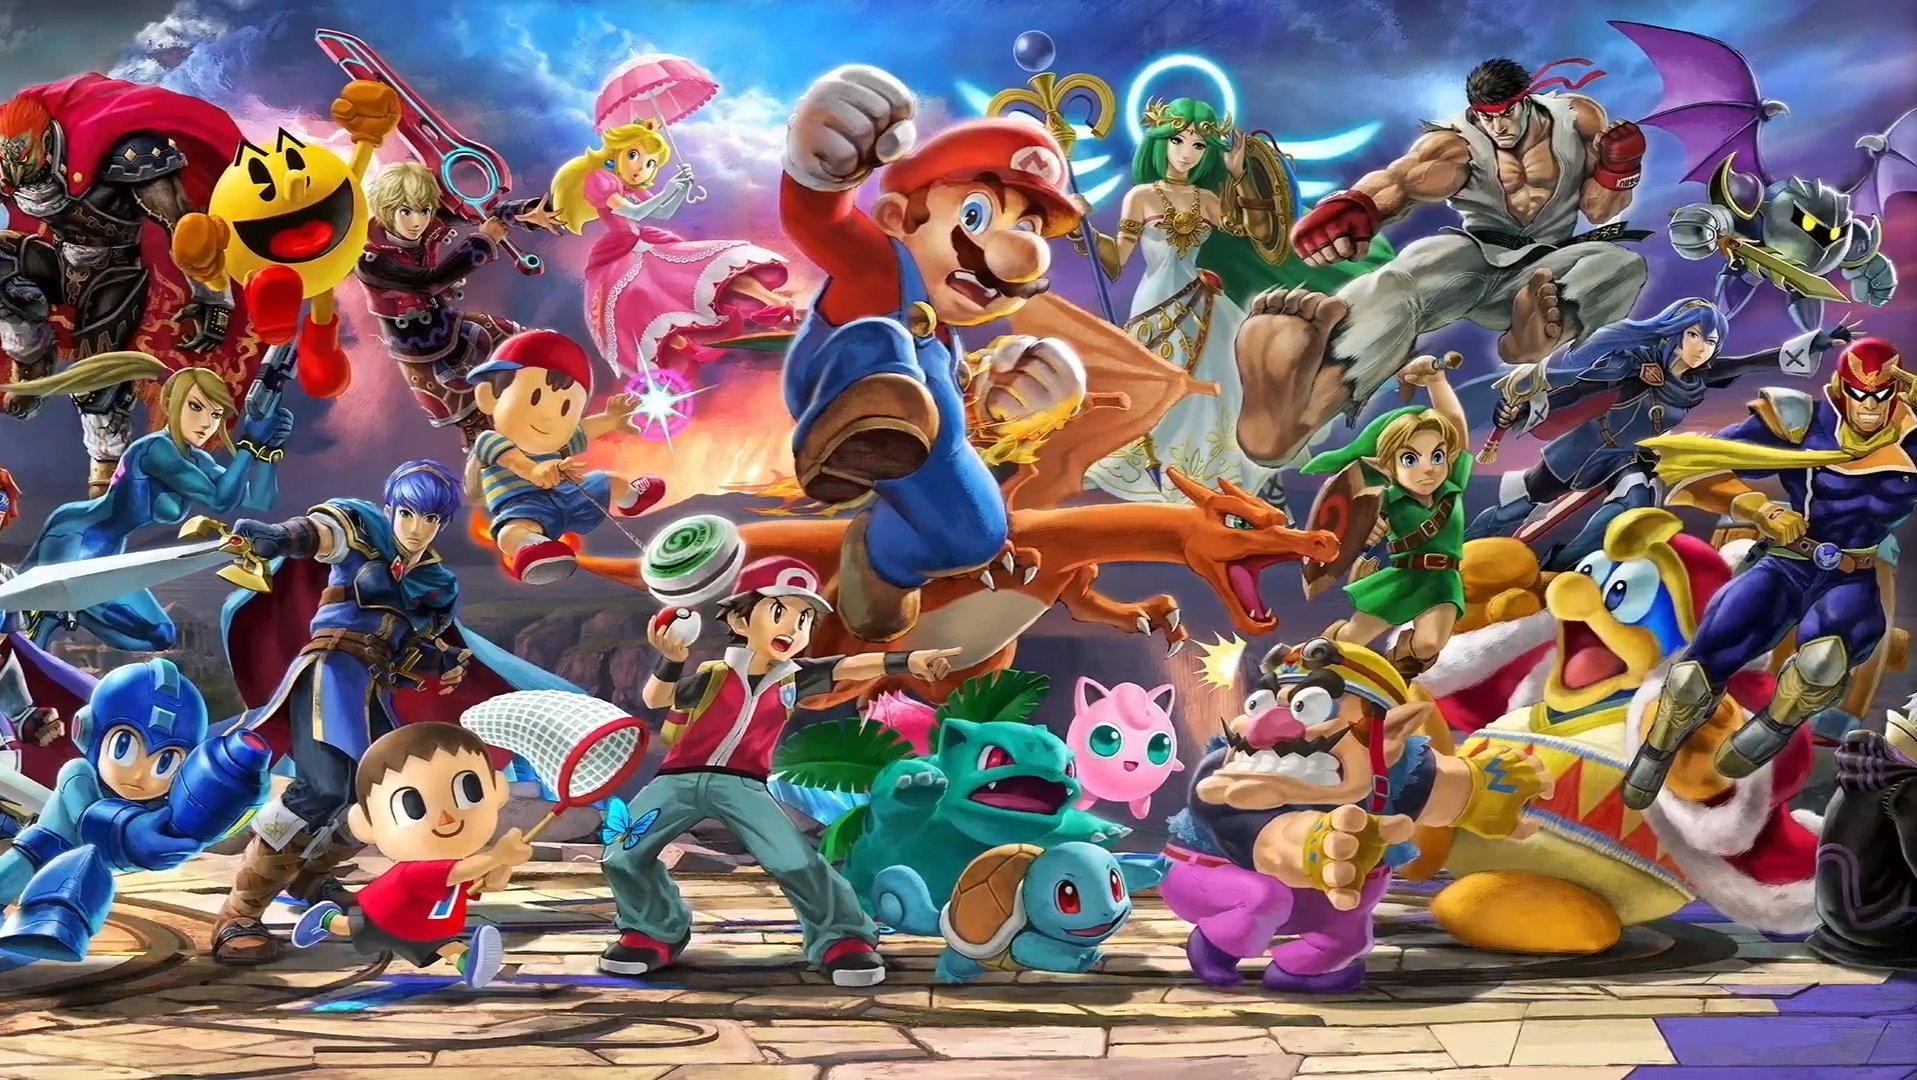 Quelle est la date de sortie de Super Smash Bros. Ultimate ?